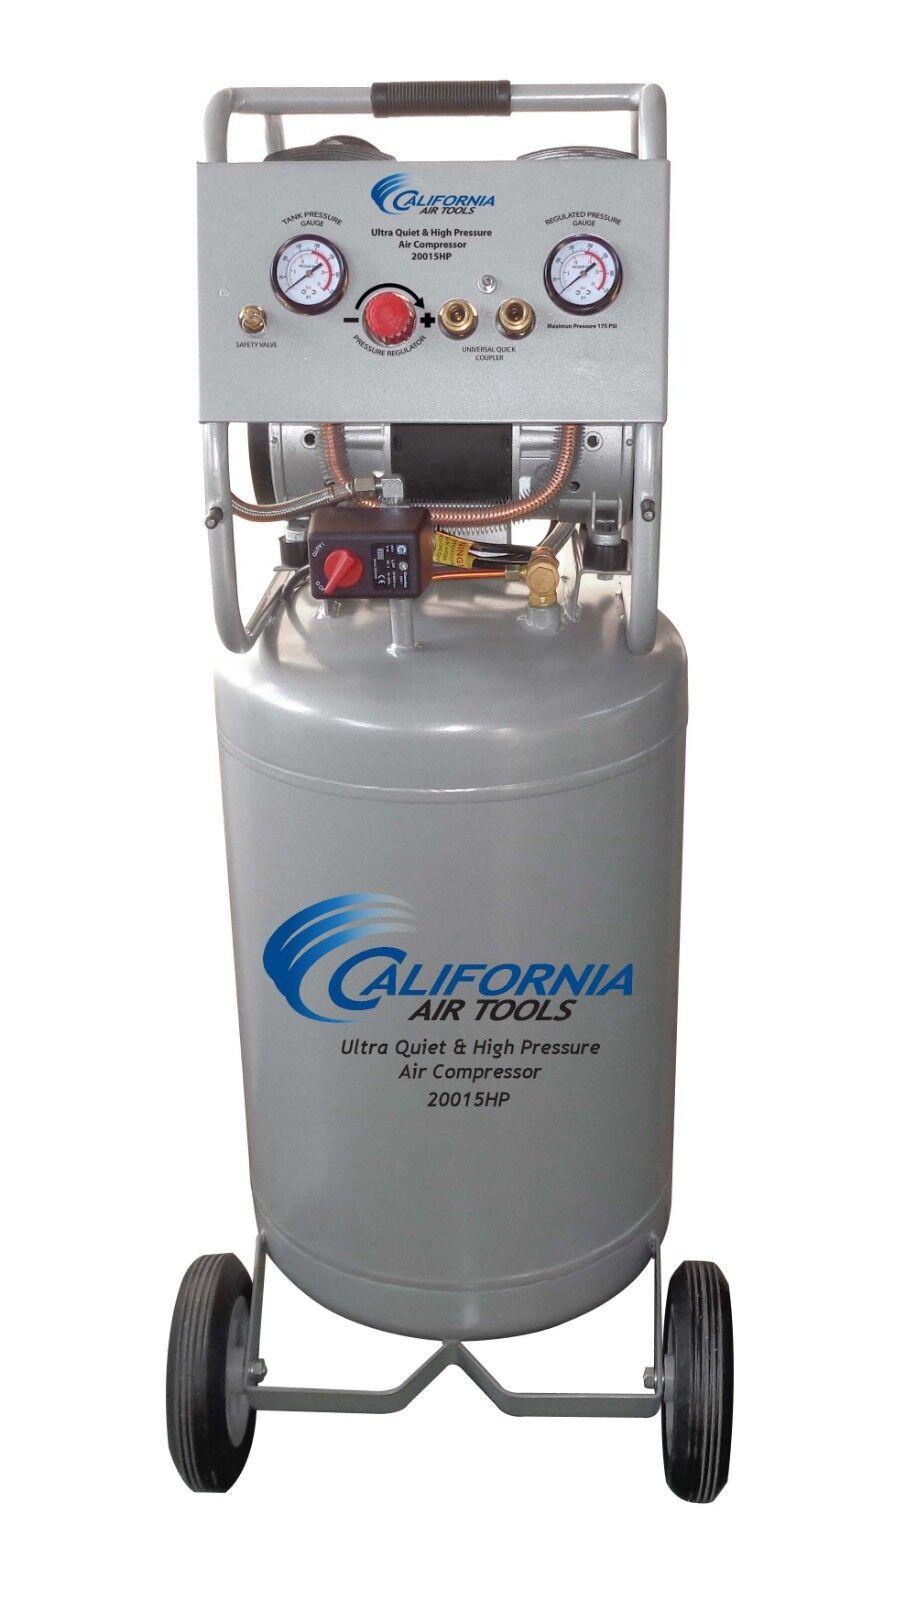 California Air Tools 20015HP Ultra Quiet  High Pressure Air Compressor